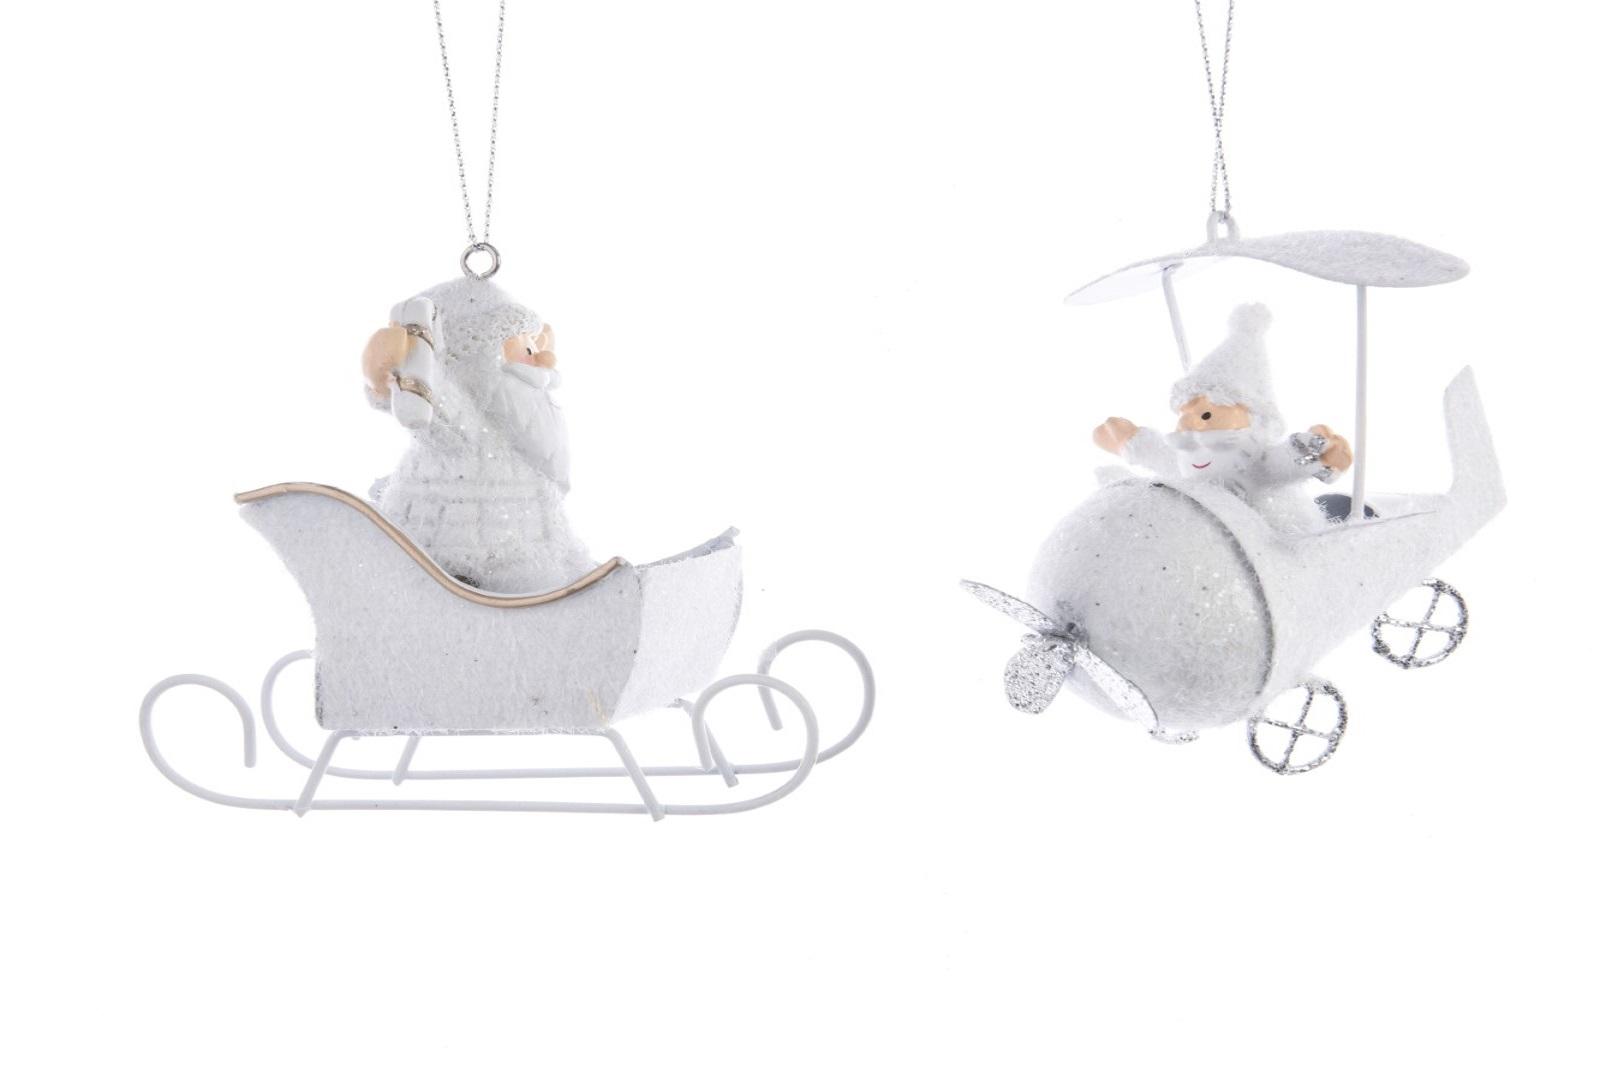 Baumhänger Baumschmuck Santa mit Schlitten und Flugzeug 2er Set